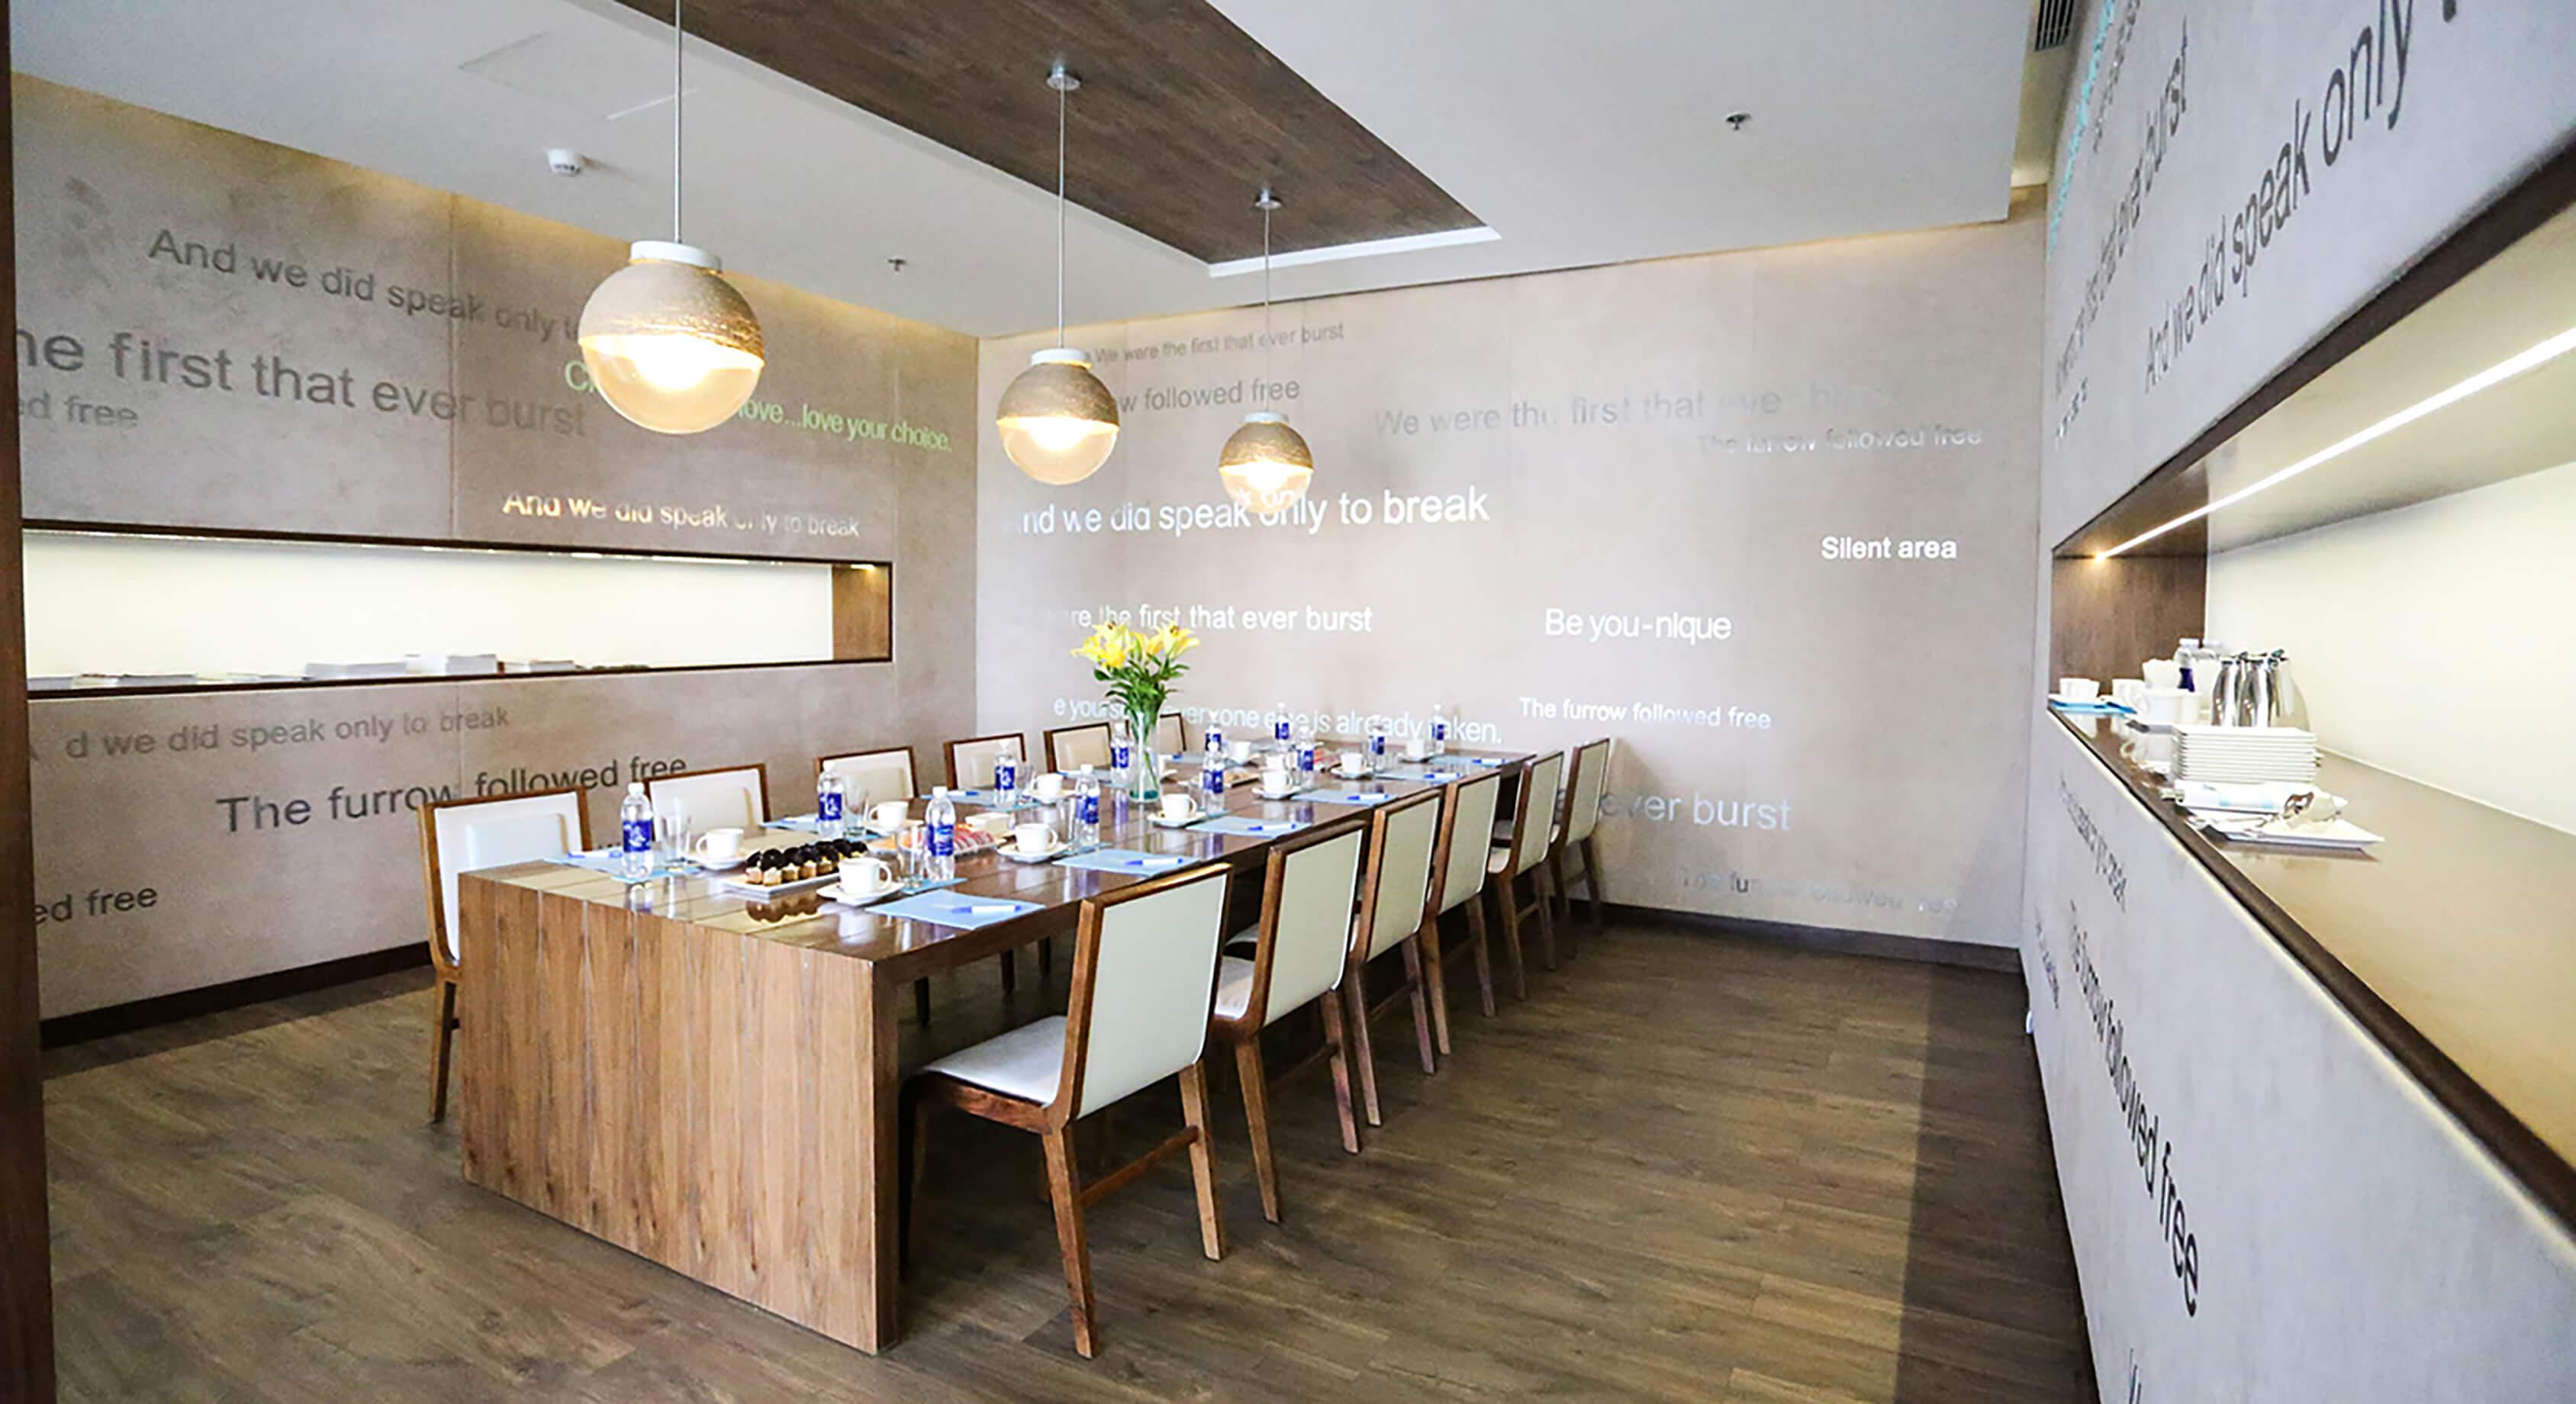 Với công trình A La Carte DaNang - Conference Room, Đèn Xinh sử dụng đèn thả giúp tập trung ánh sáng vào bàn hội nghị, từ đó không gian phòng trở nên trang trọng hơn